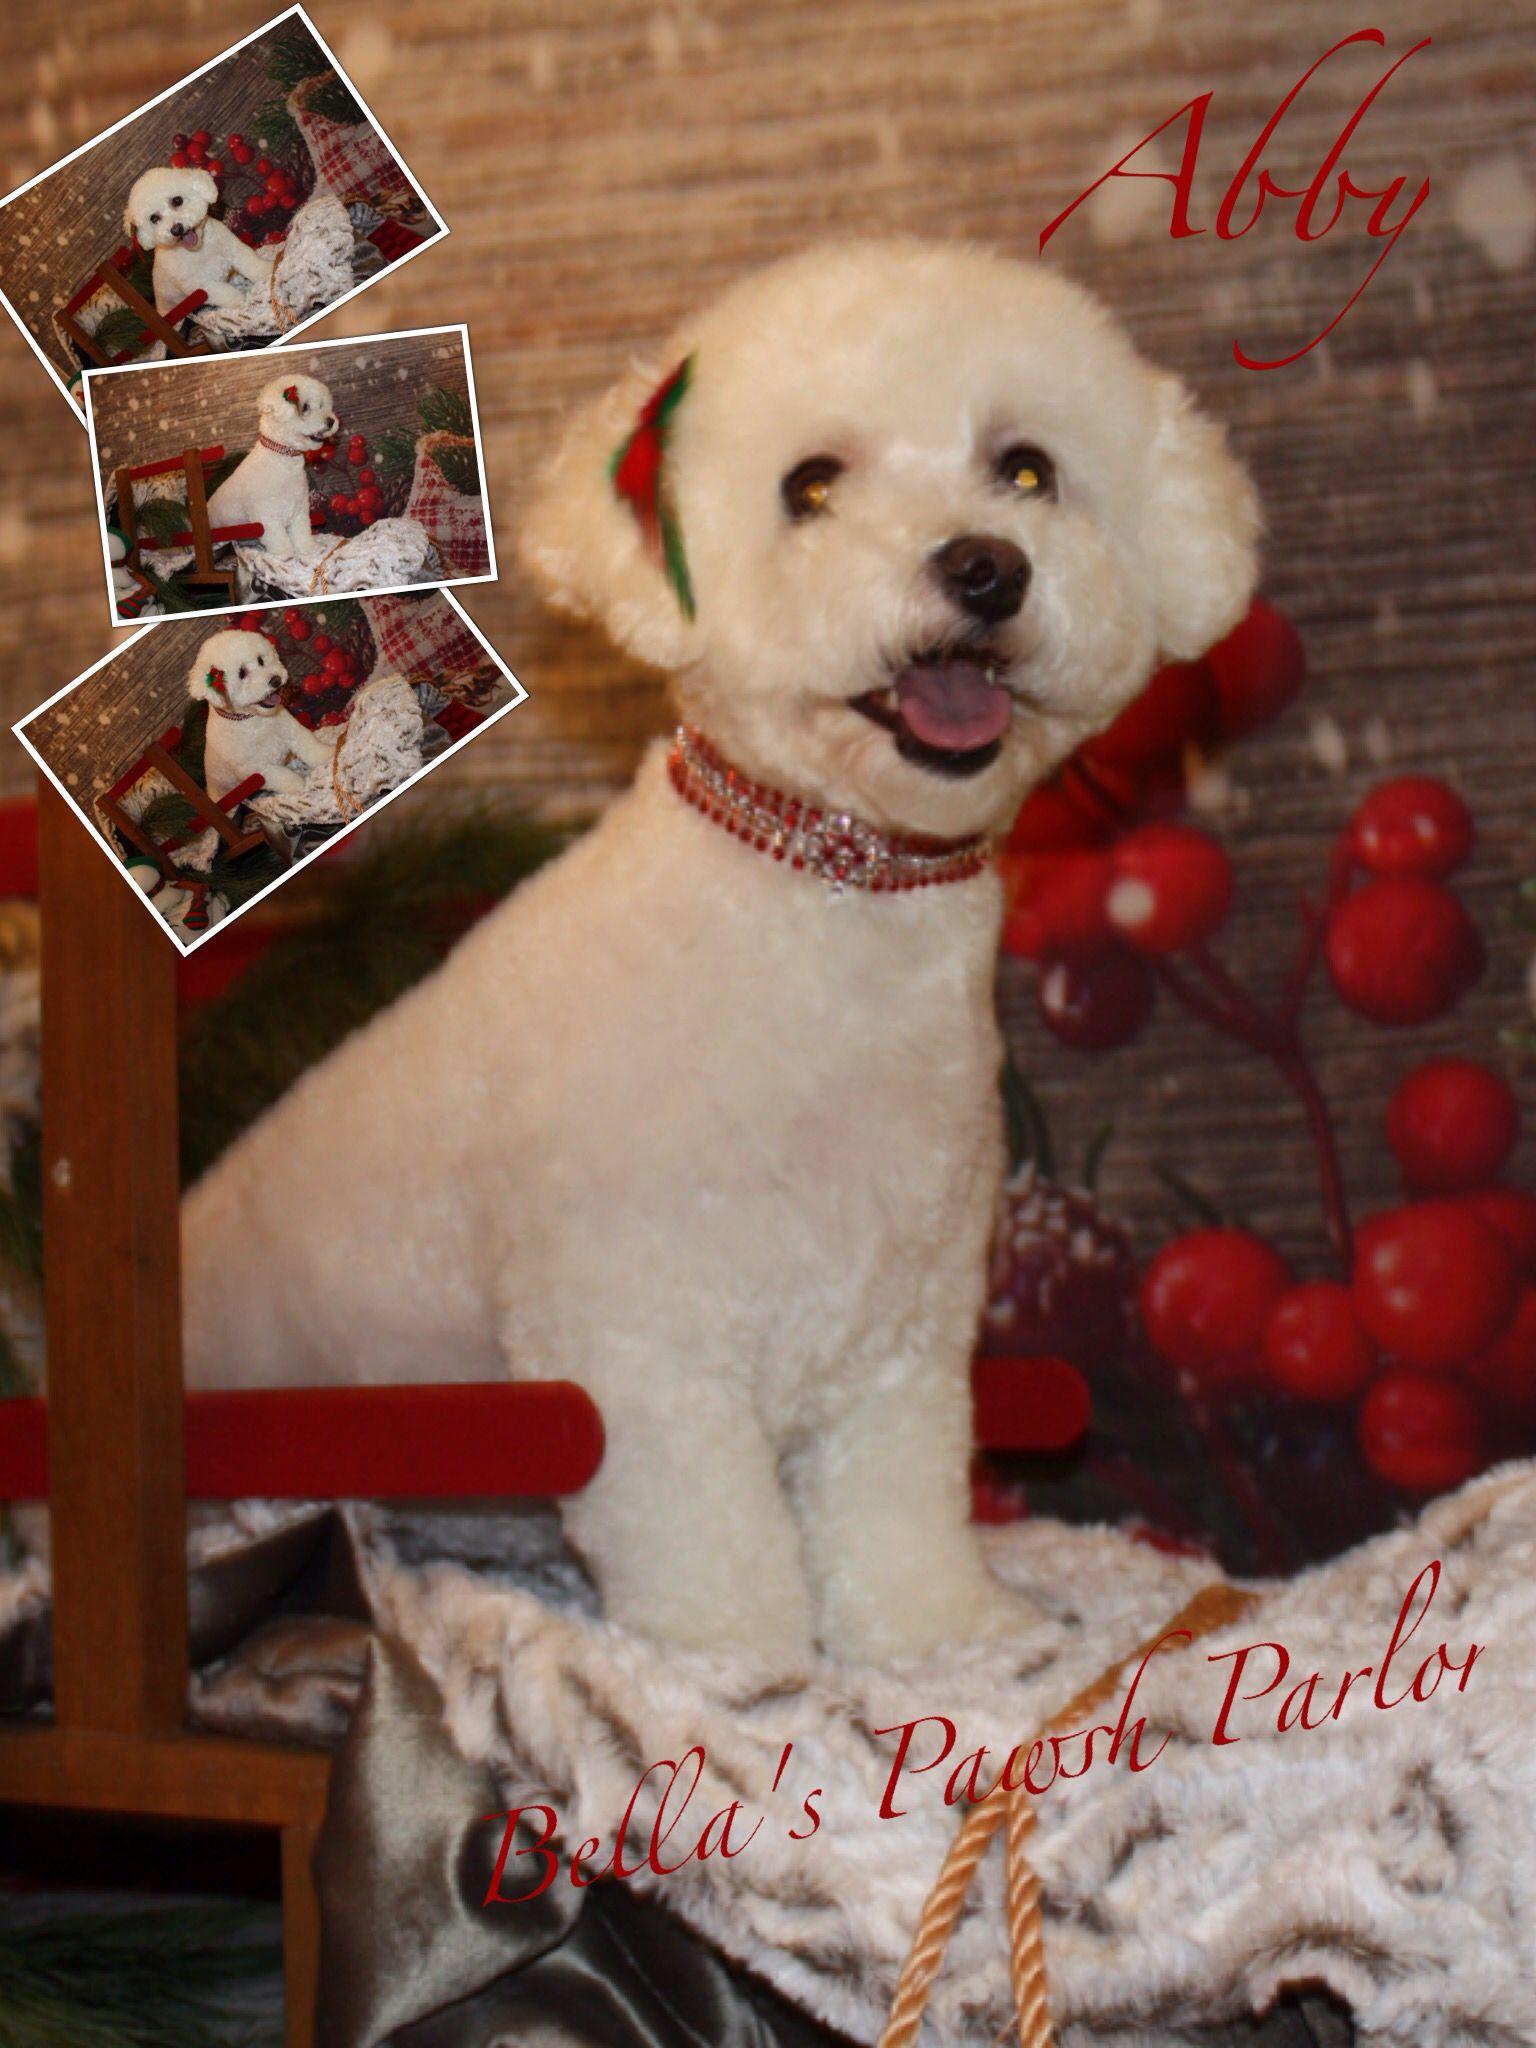 Bella S Pawsh Parlor With Images Labrador Retriever Labrador Dogs